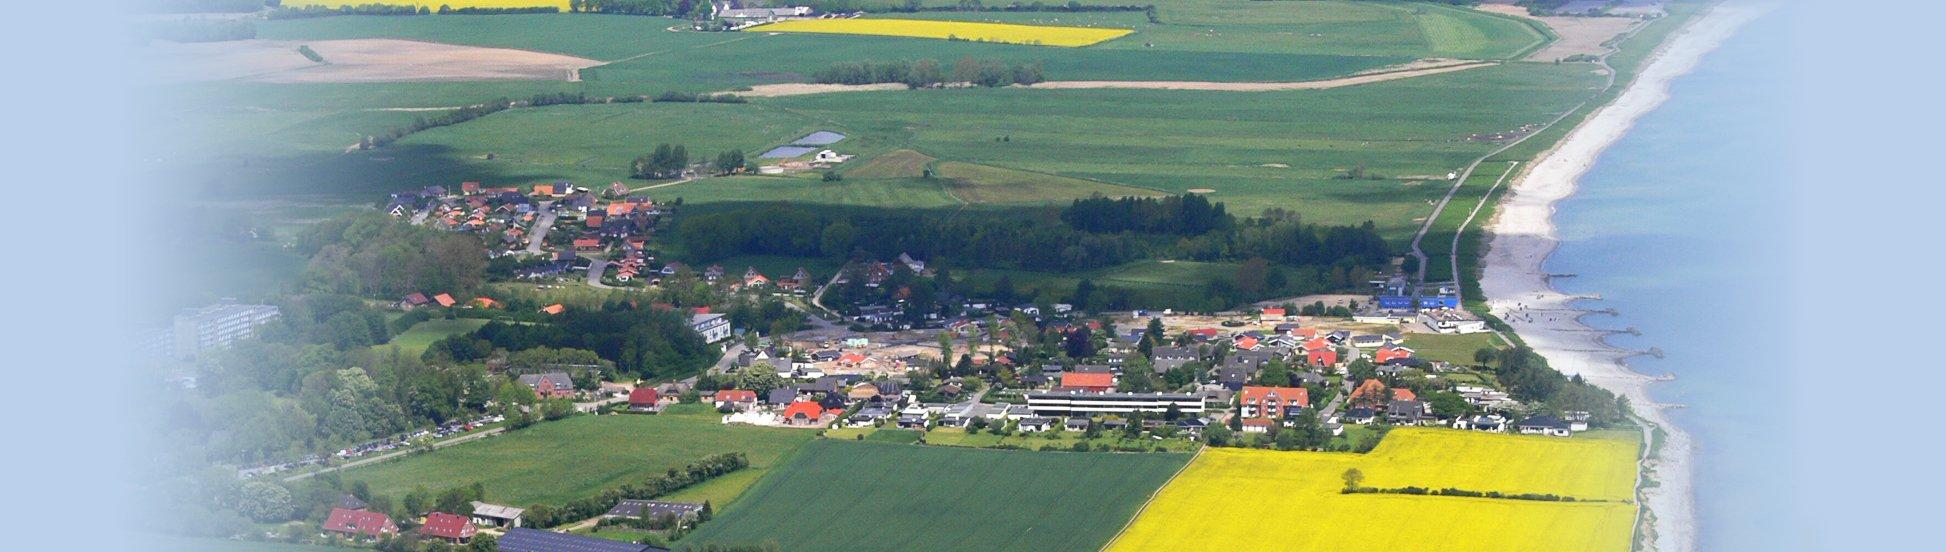 Bistros Und Cafes In Schonhagen Und Umgebung Urlaub In